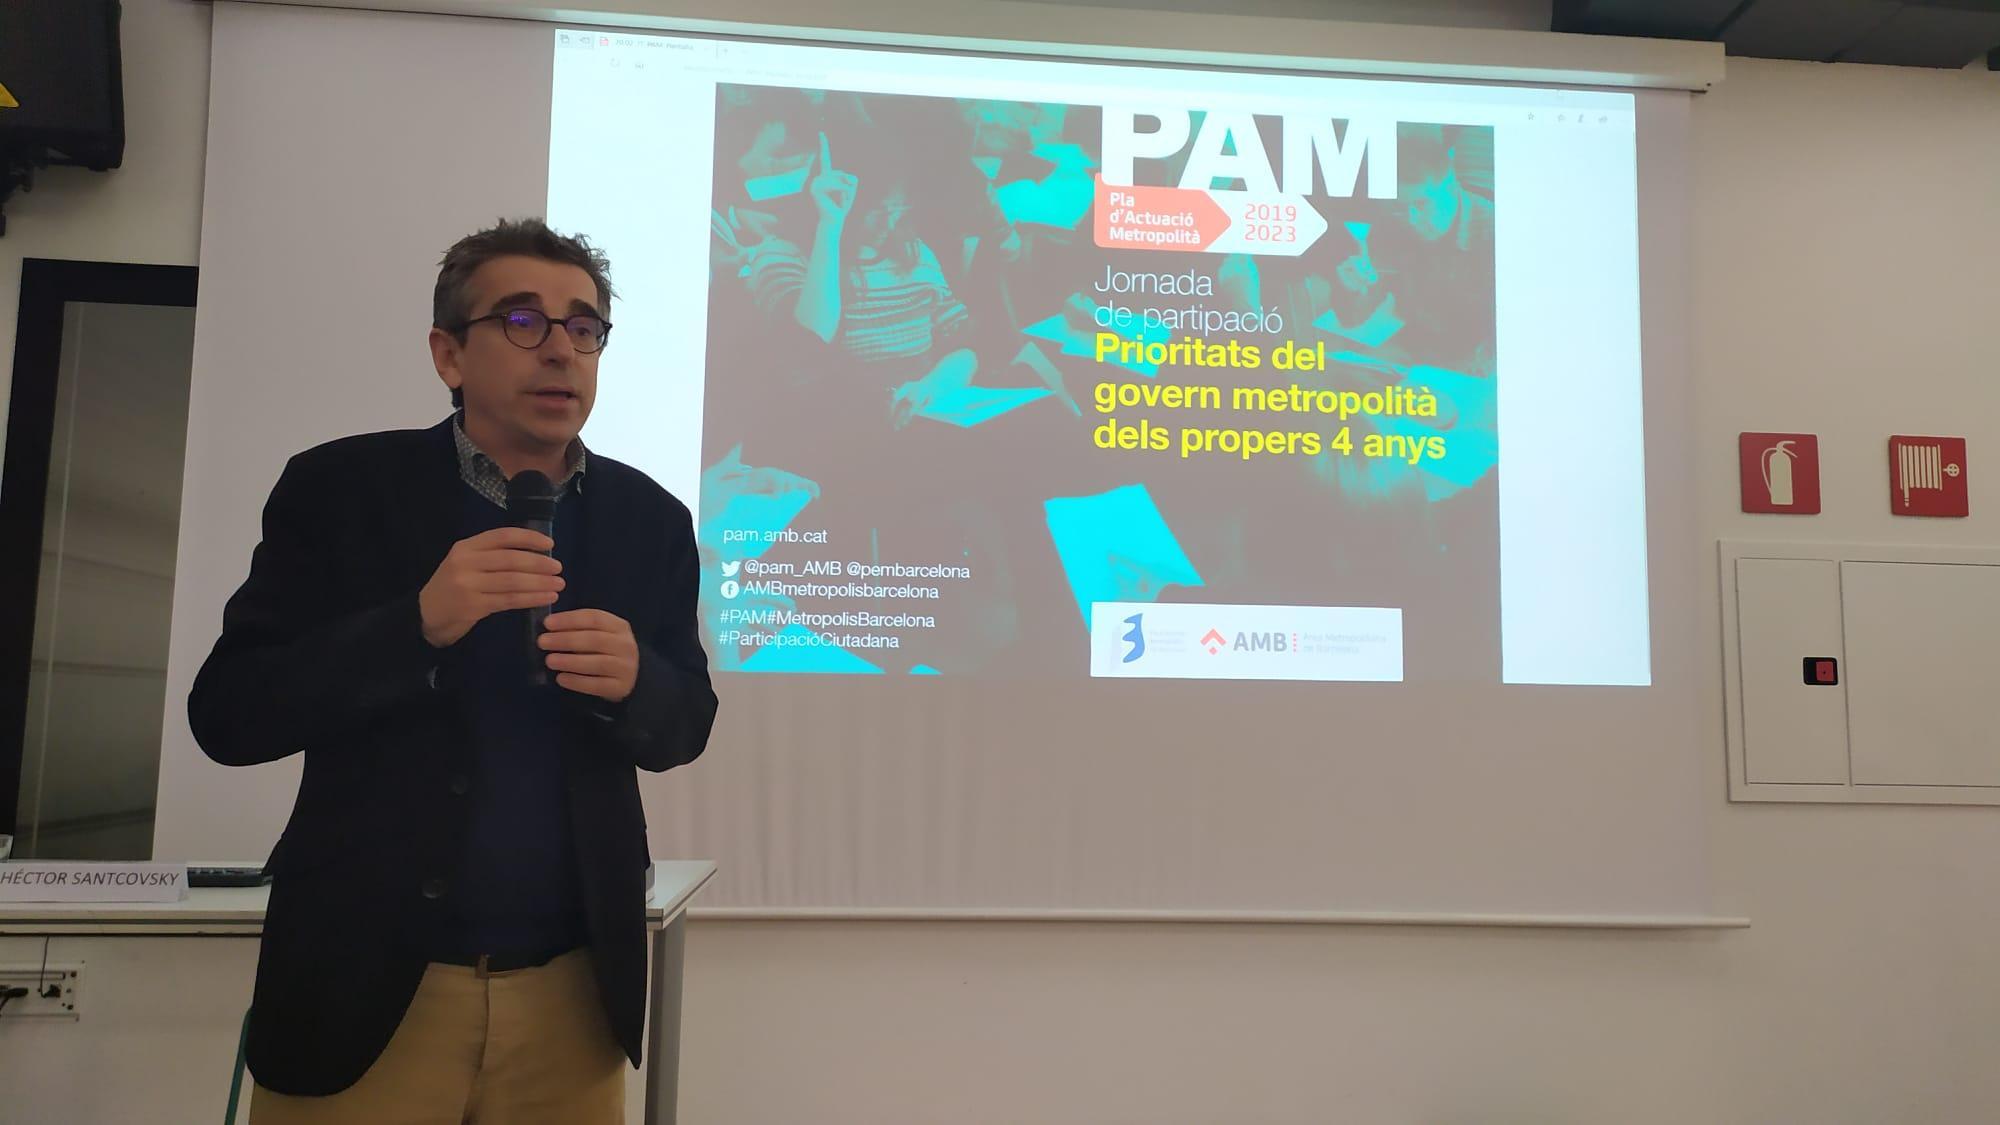 El vicepresident de Planificació Estratègica a l'AMB, Jordi Martí, dona la benvinguda als assistents